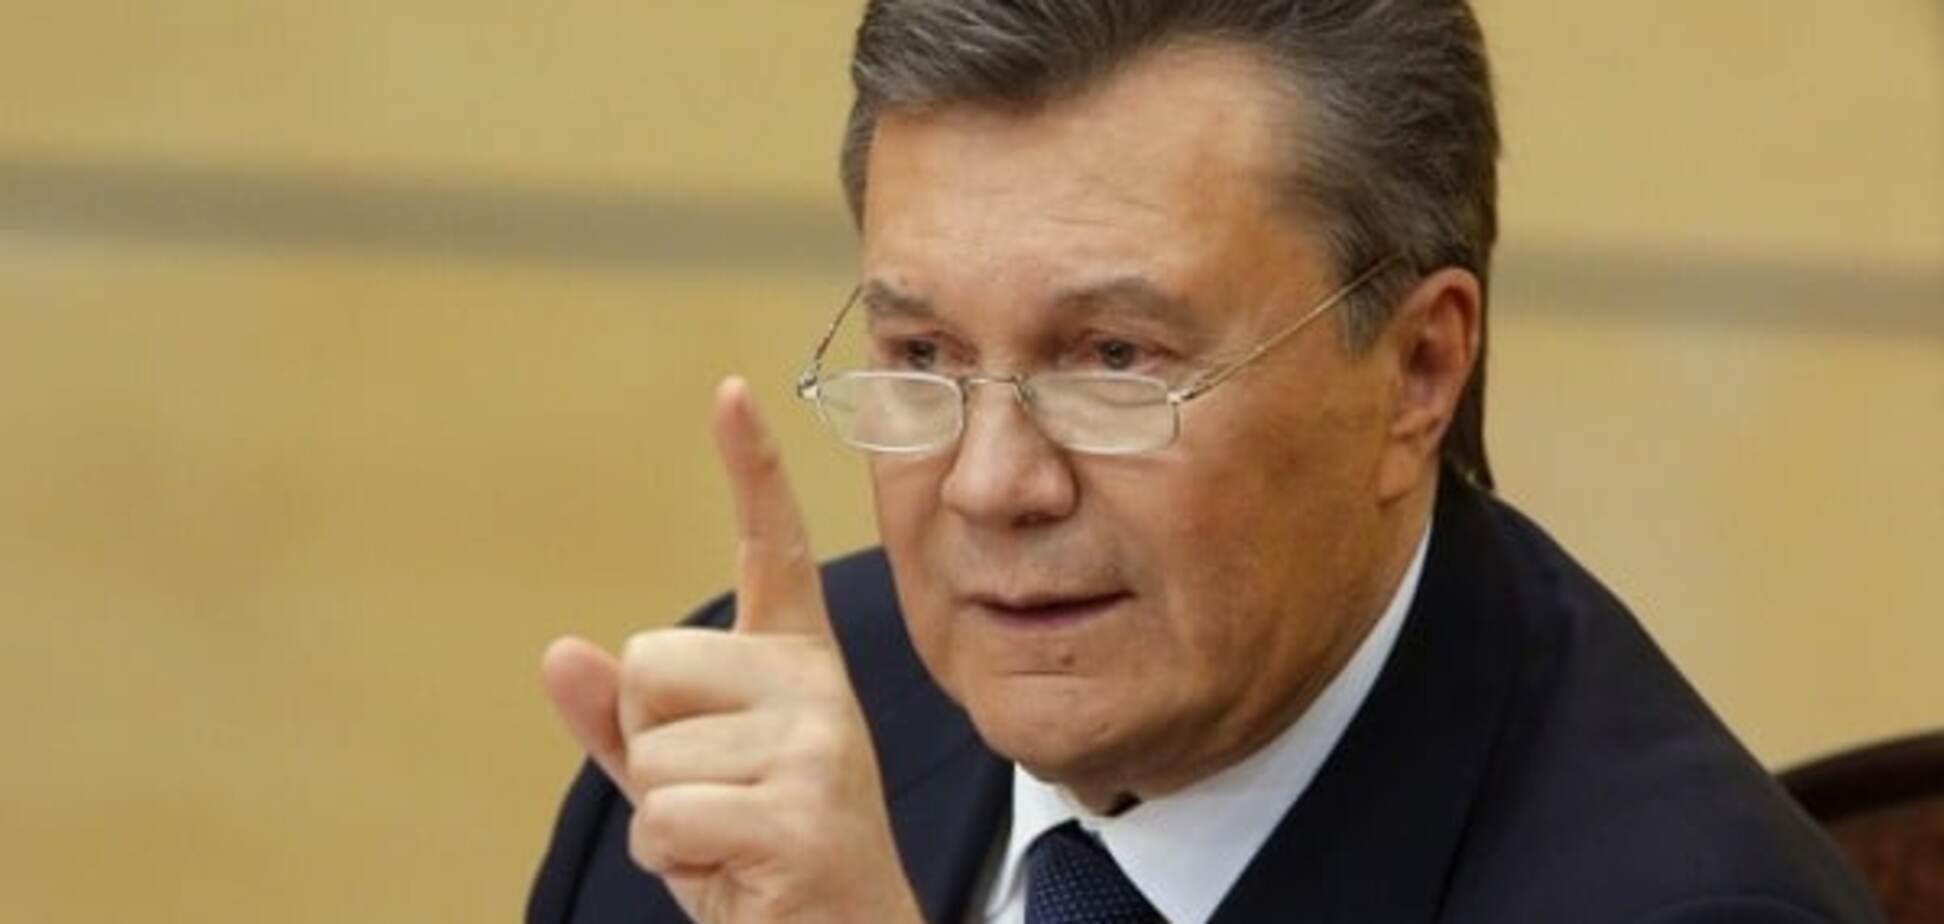 'Титанік' по-українськи: політтехнолог спрогнозував, чим закінчиться політична криза в країні